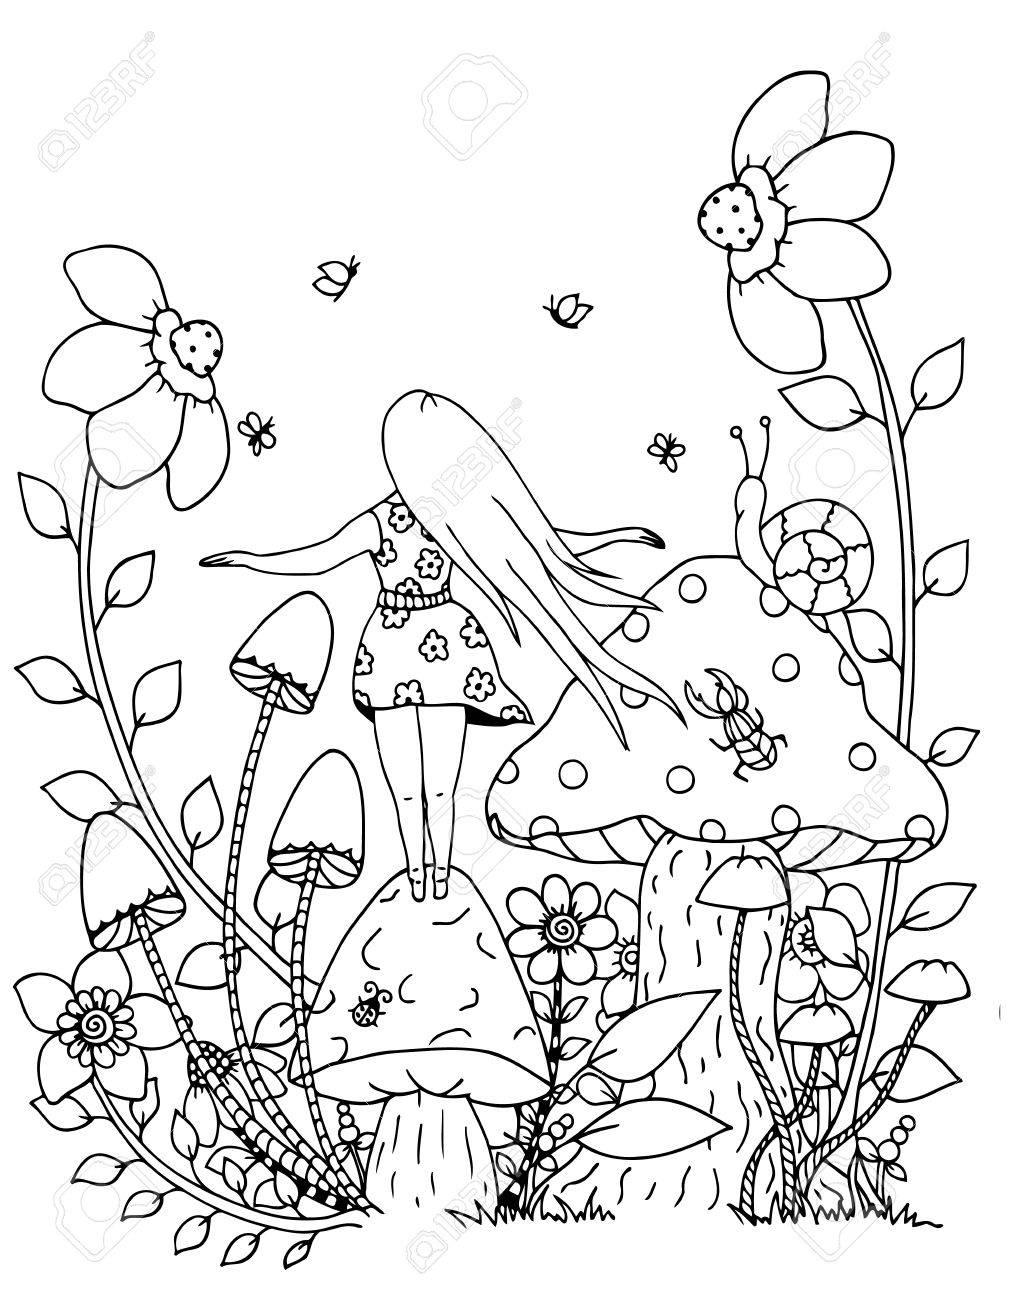 ilustracin del trabajo hecho a mano zentangl chica y la naturaleza dibujo del doodle